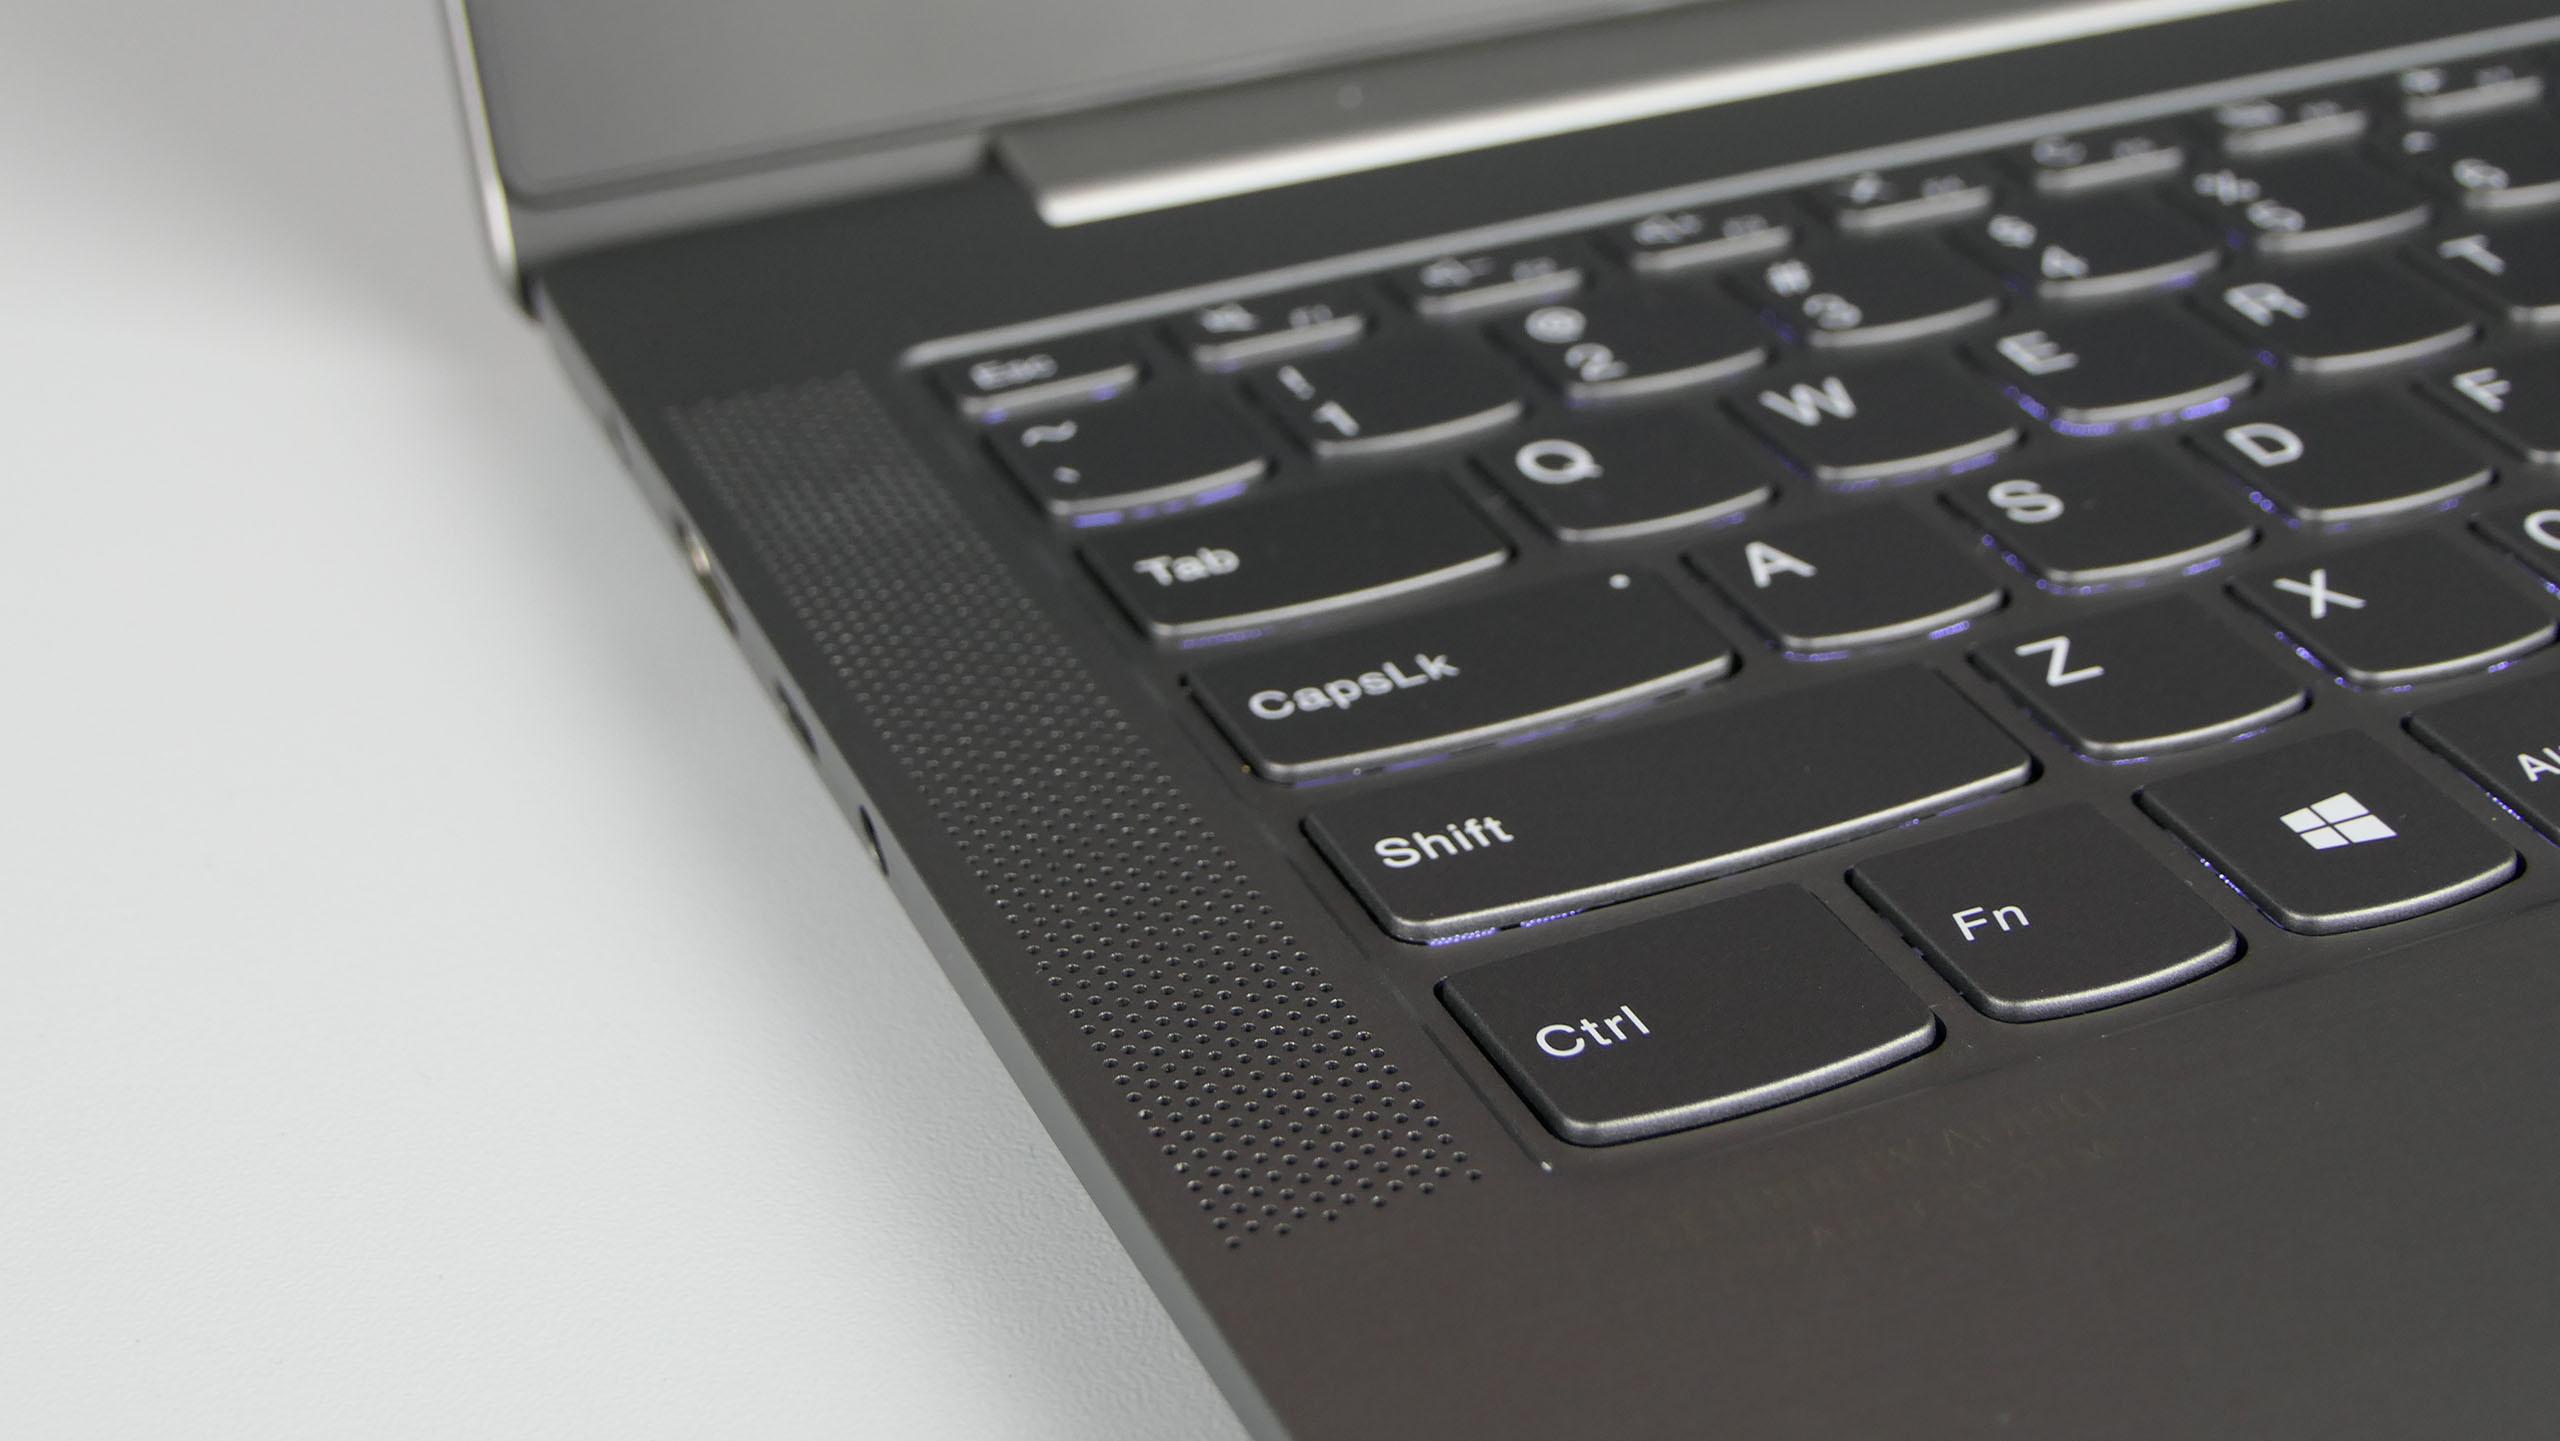 Lenovo IdeaPad S540 (14) - jeden zgłośników